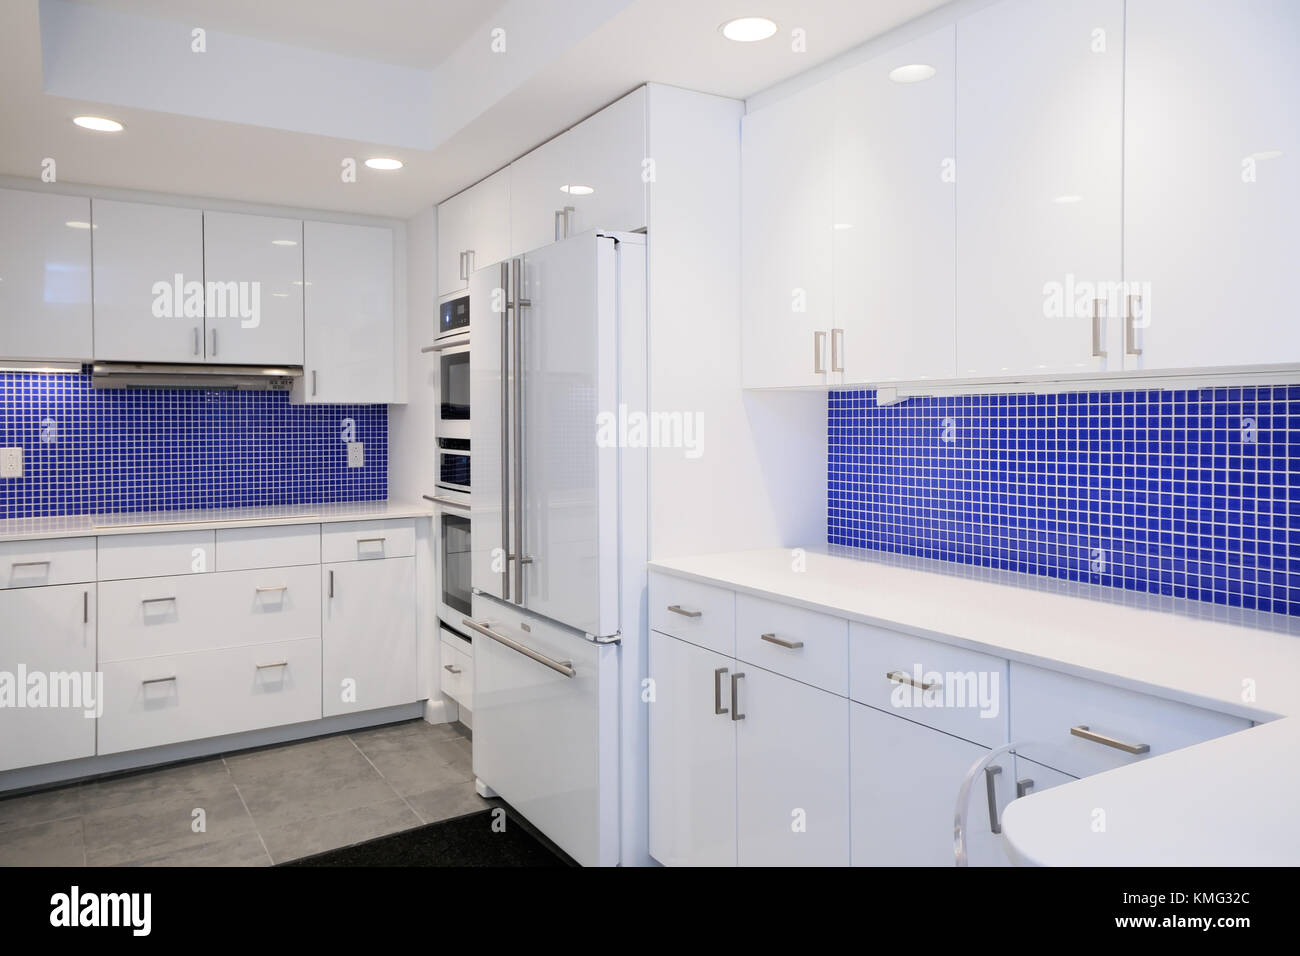 Cucina rimodellare interni con piastrelle blu pareti e